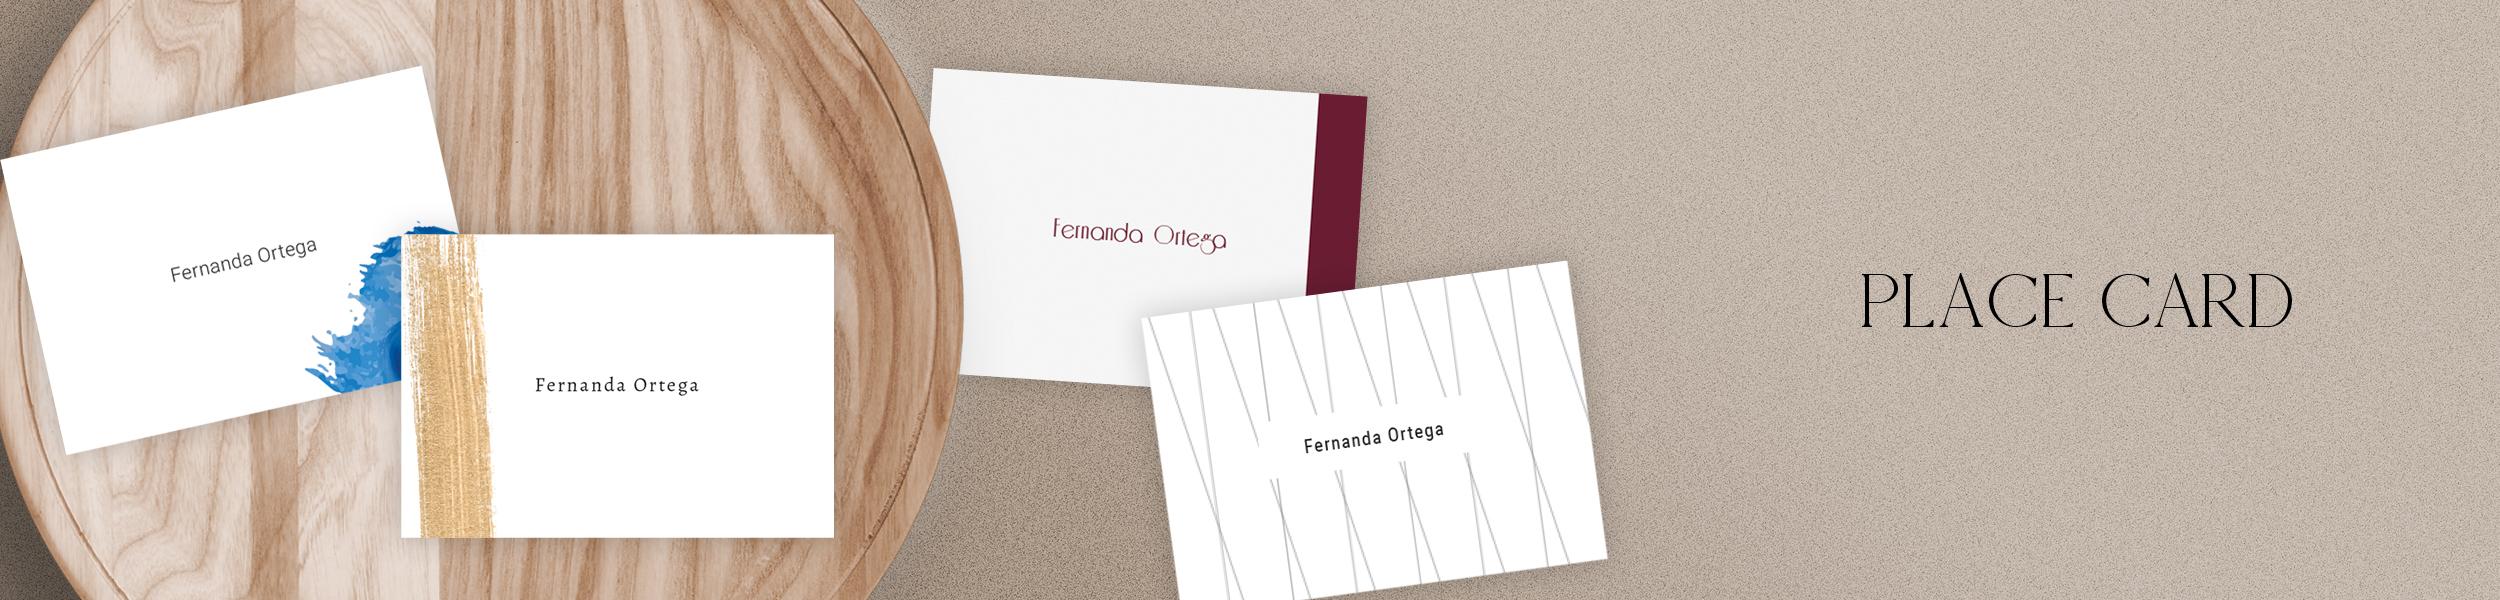 Place card para matrimonios